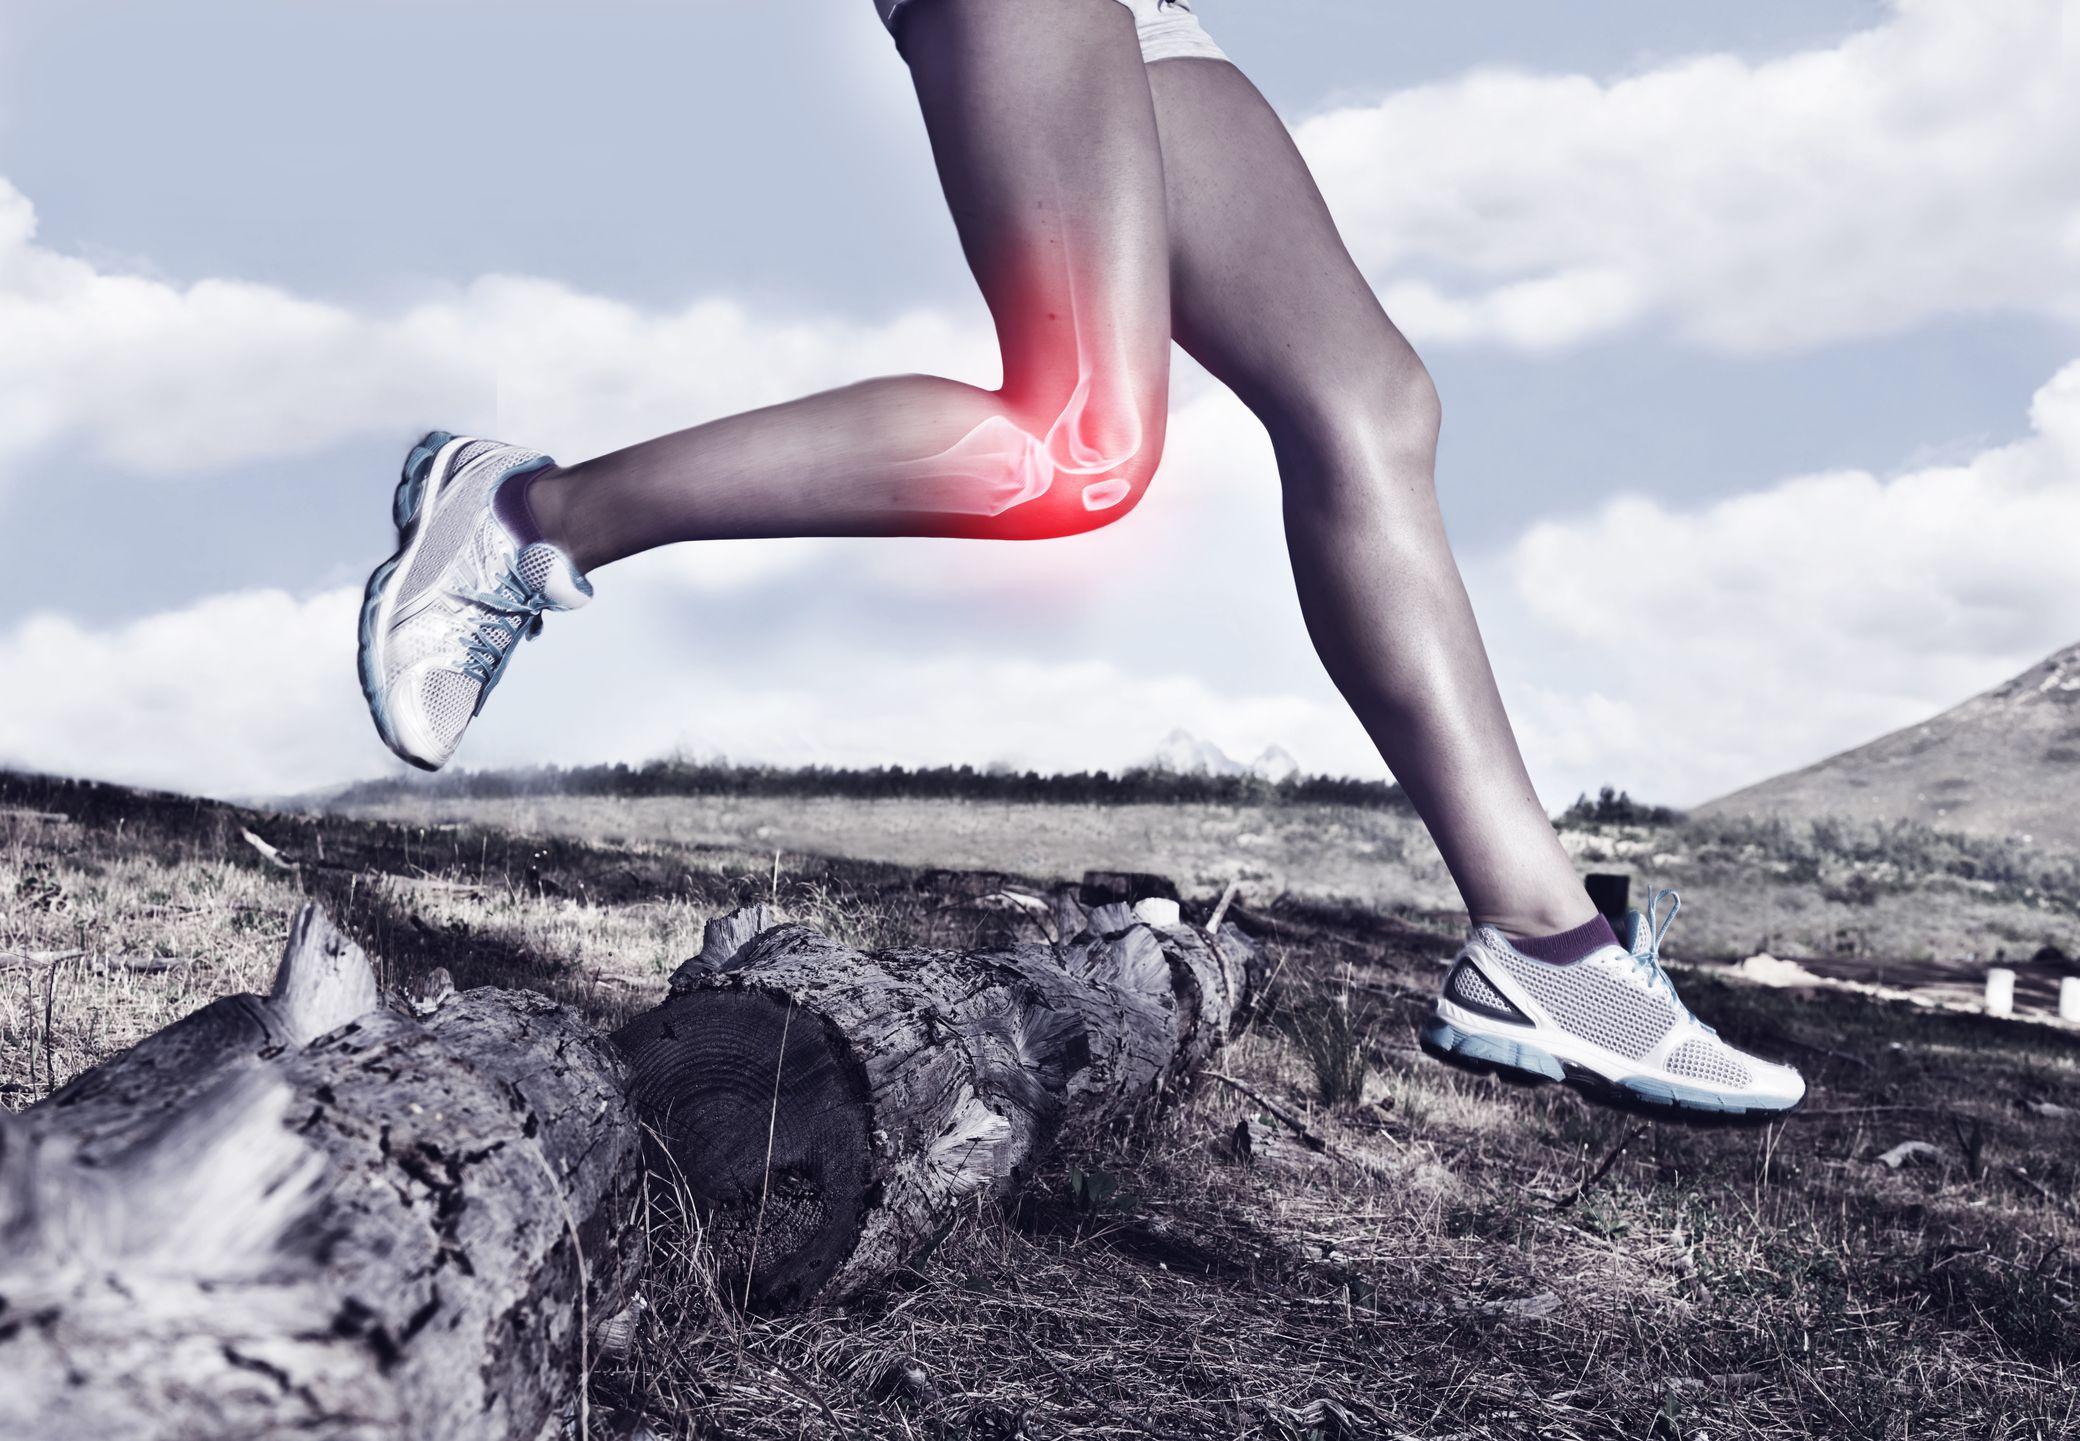 Cómo fortalecer los huesos a través de la alimentación según la ciencia